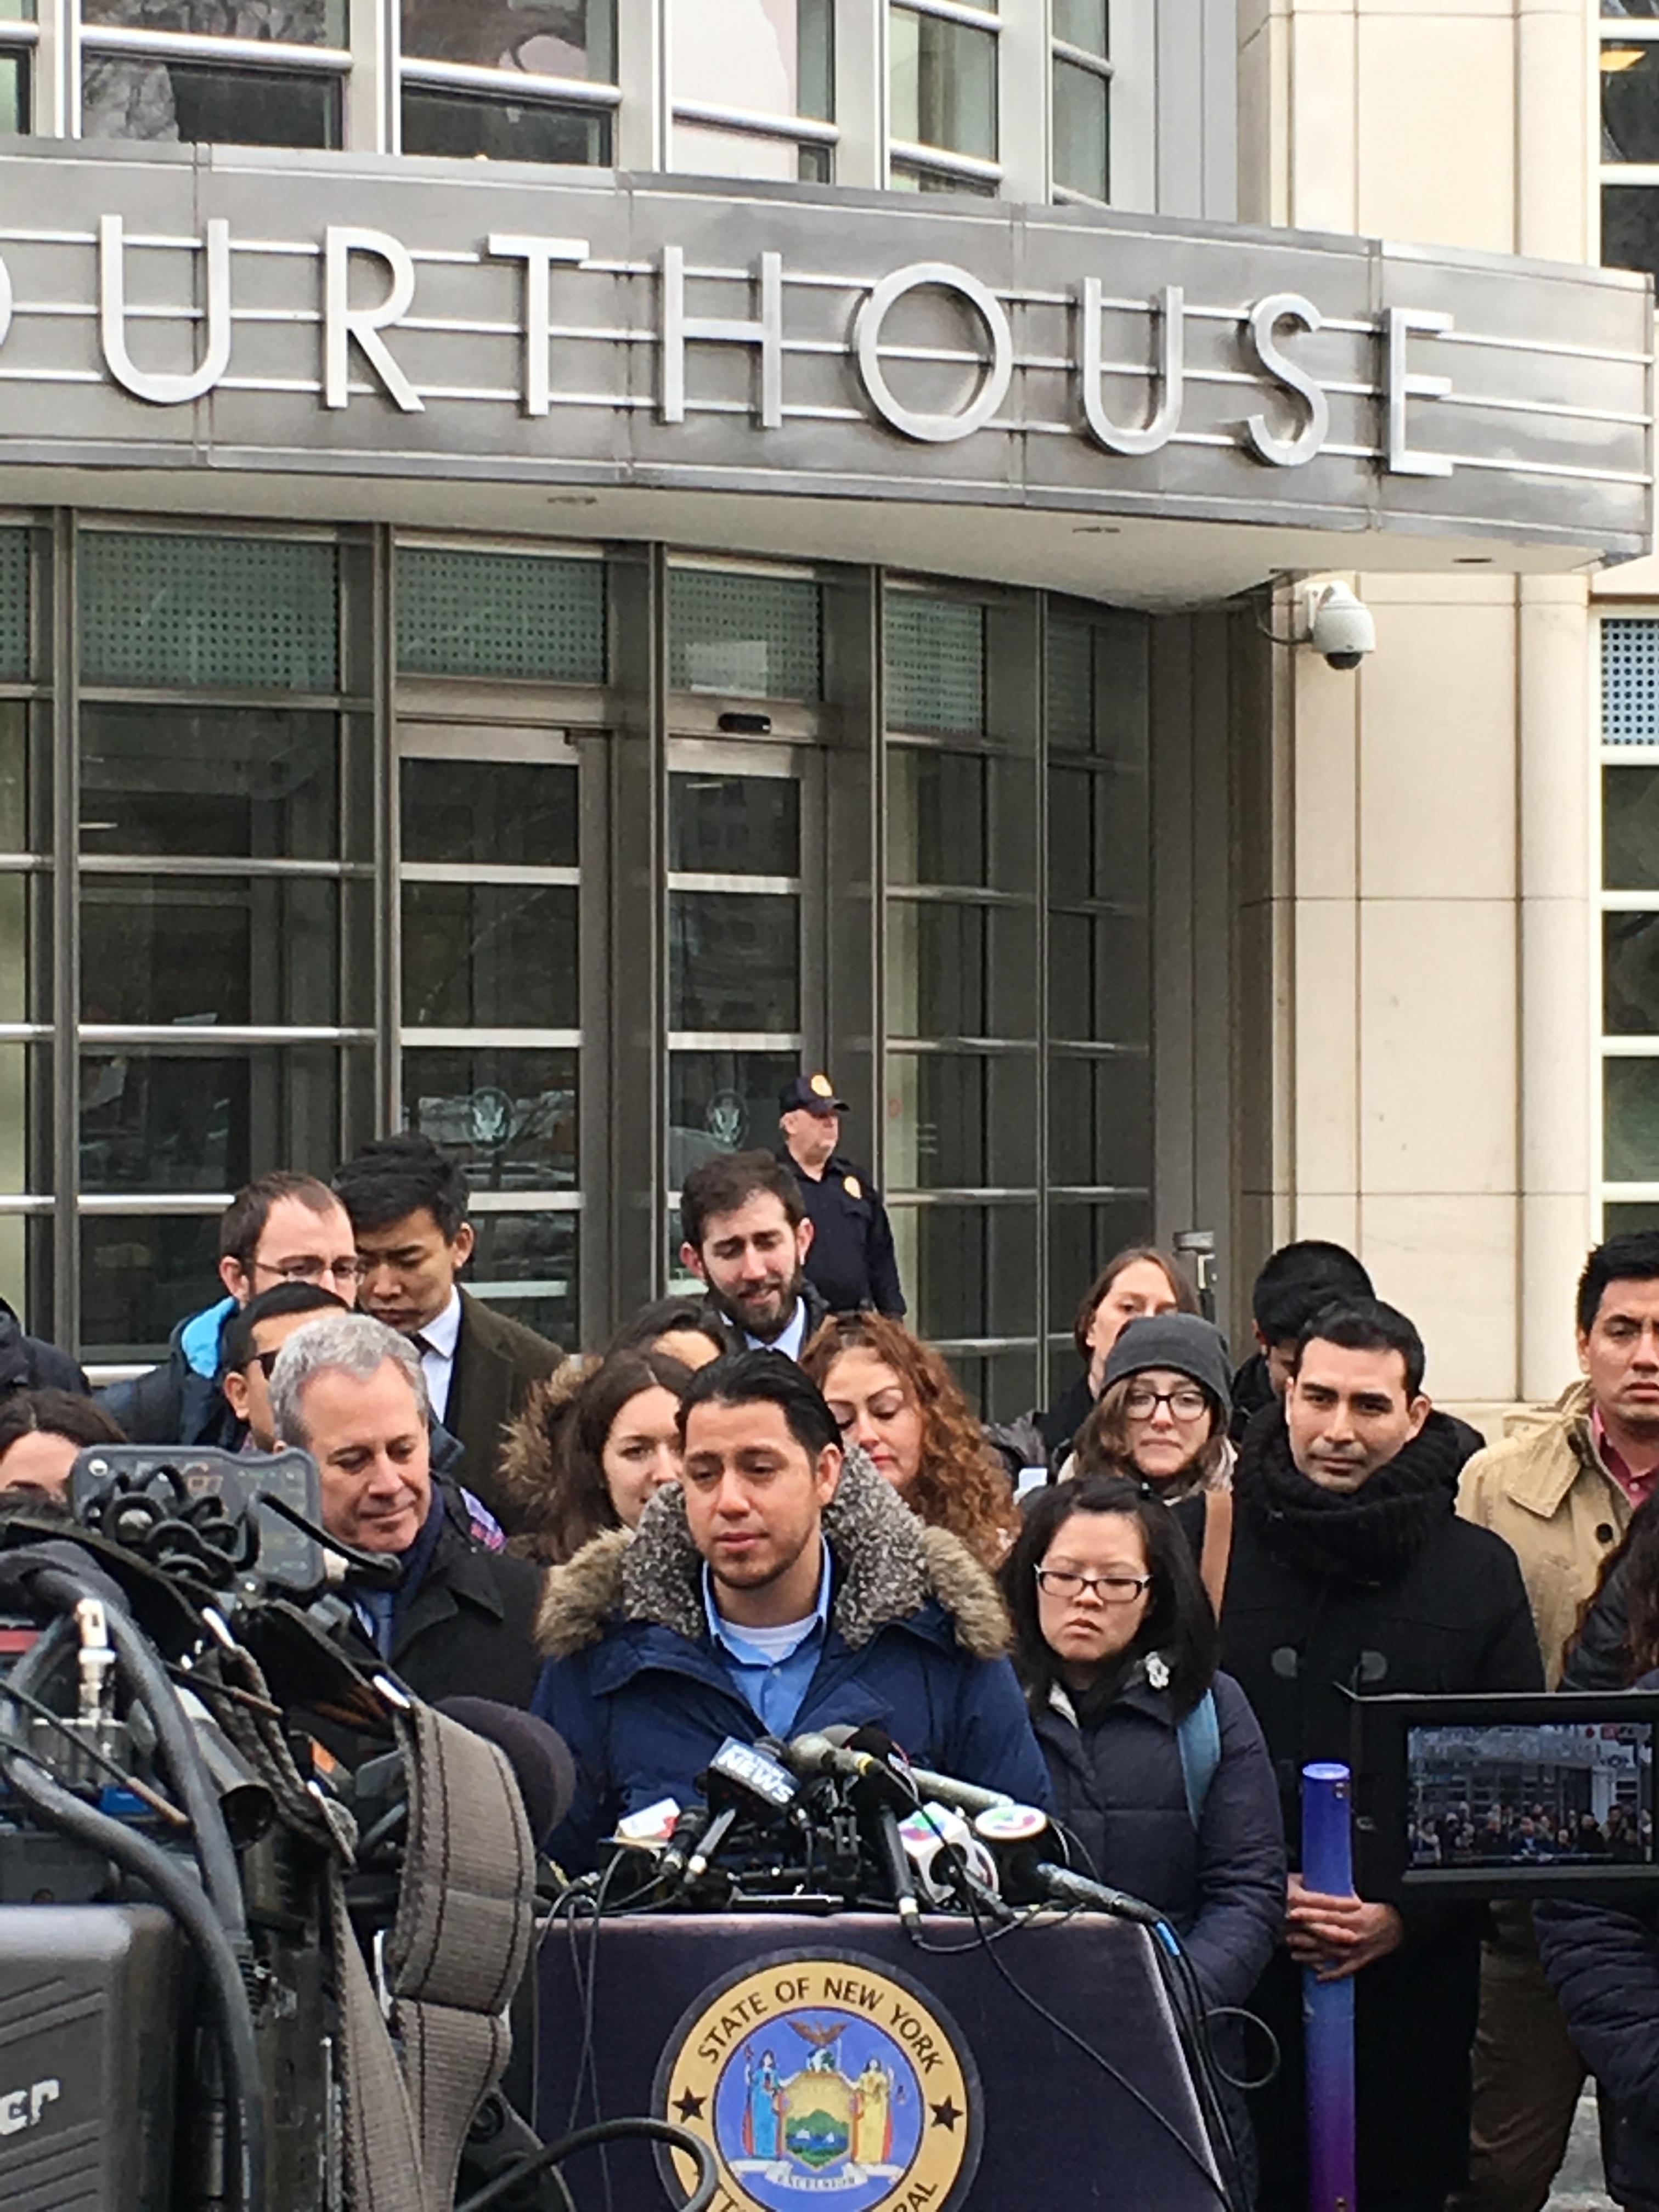 Martin Batalla  tras ganar el caso  'Batalla Vidal v. McAleenan'  frente a la corte federal de Distrito en Brooklyn, NY, 30 de nero de 2018. Foto: MVG.